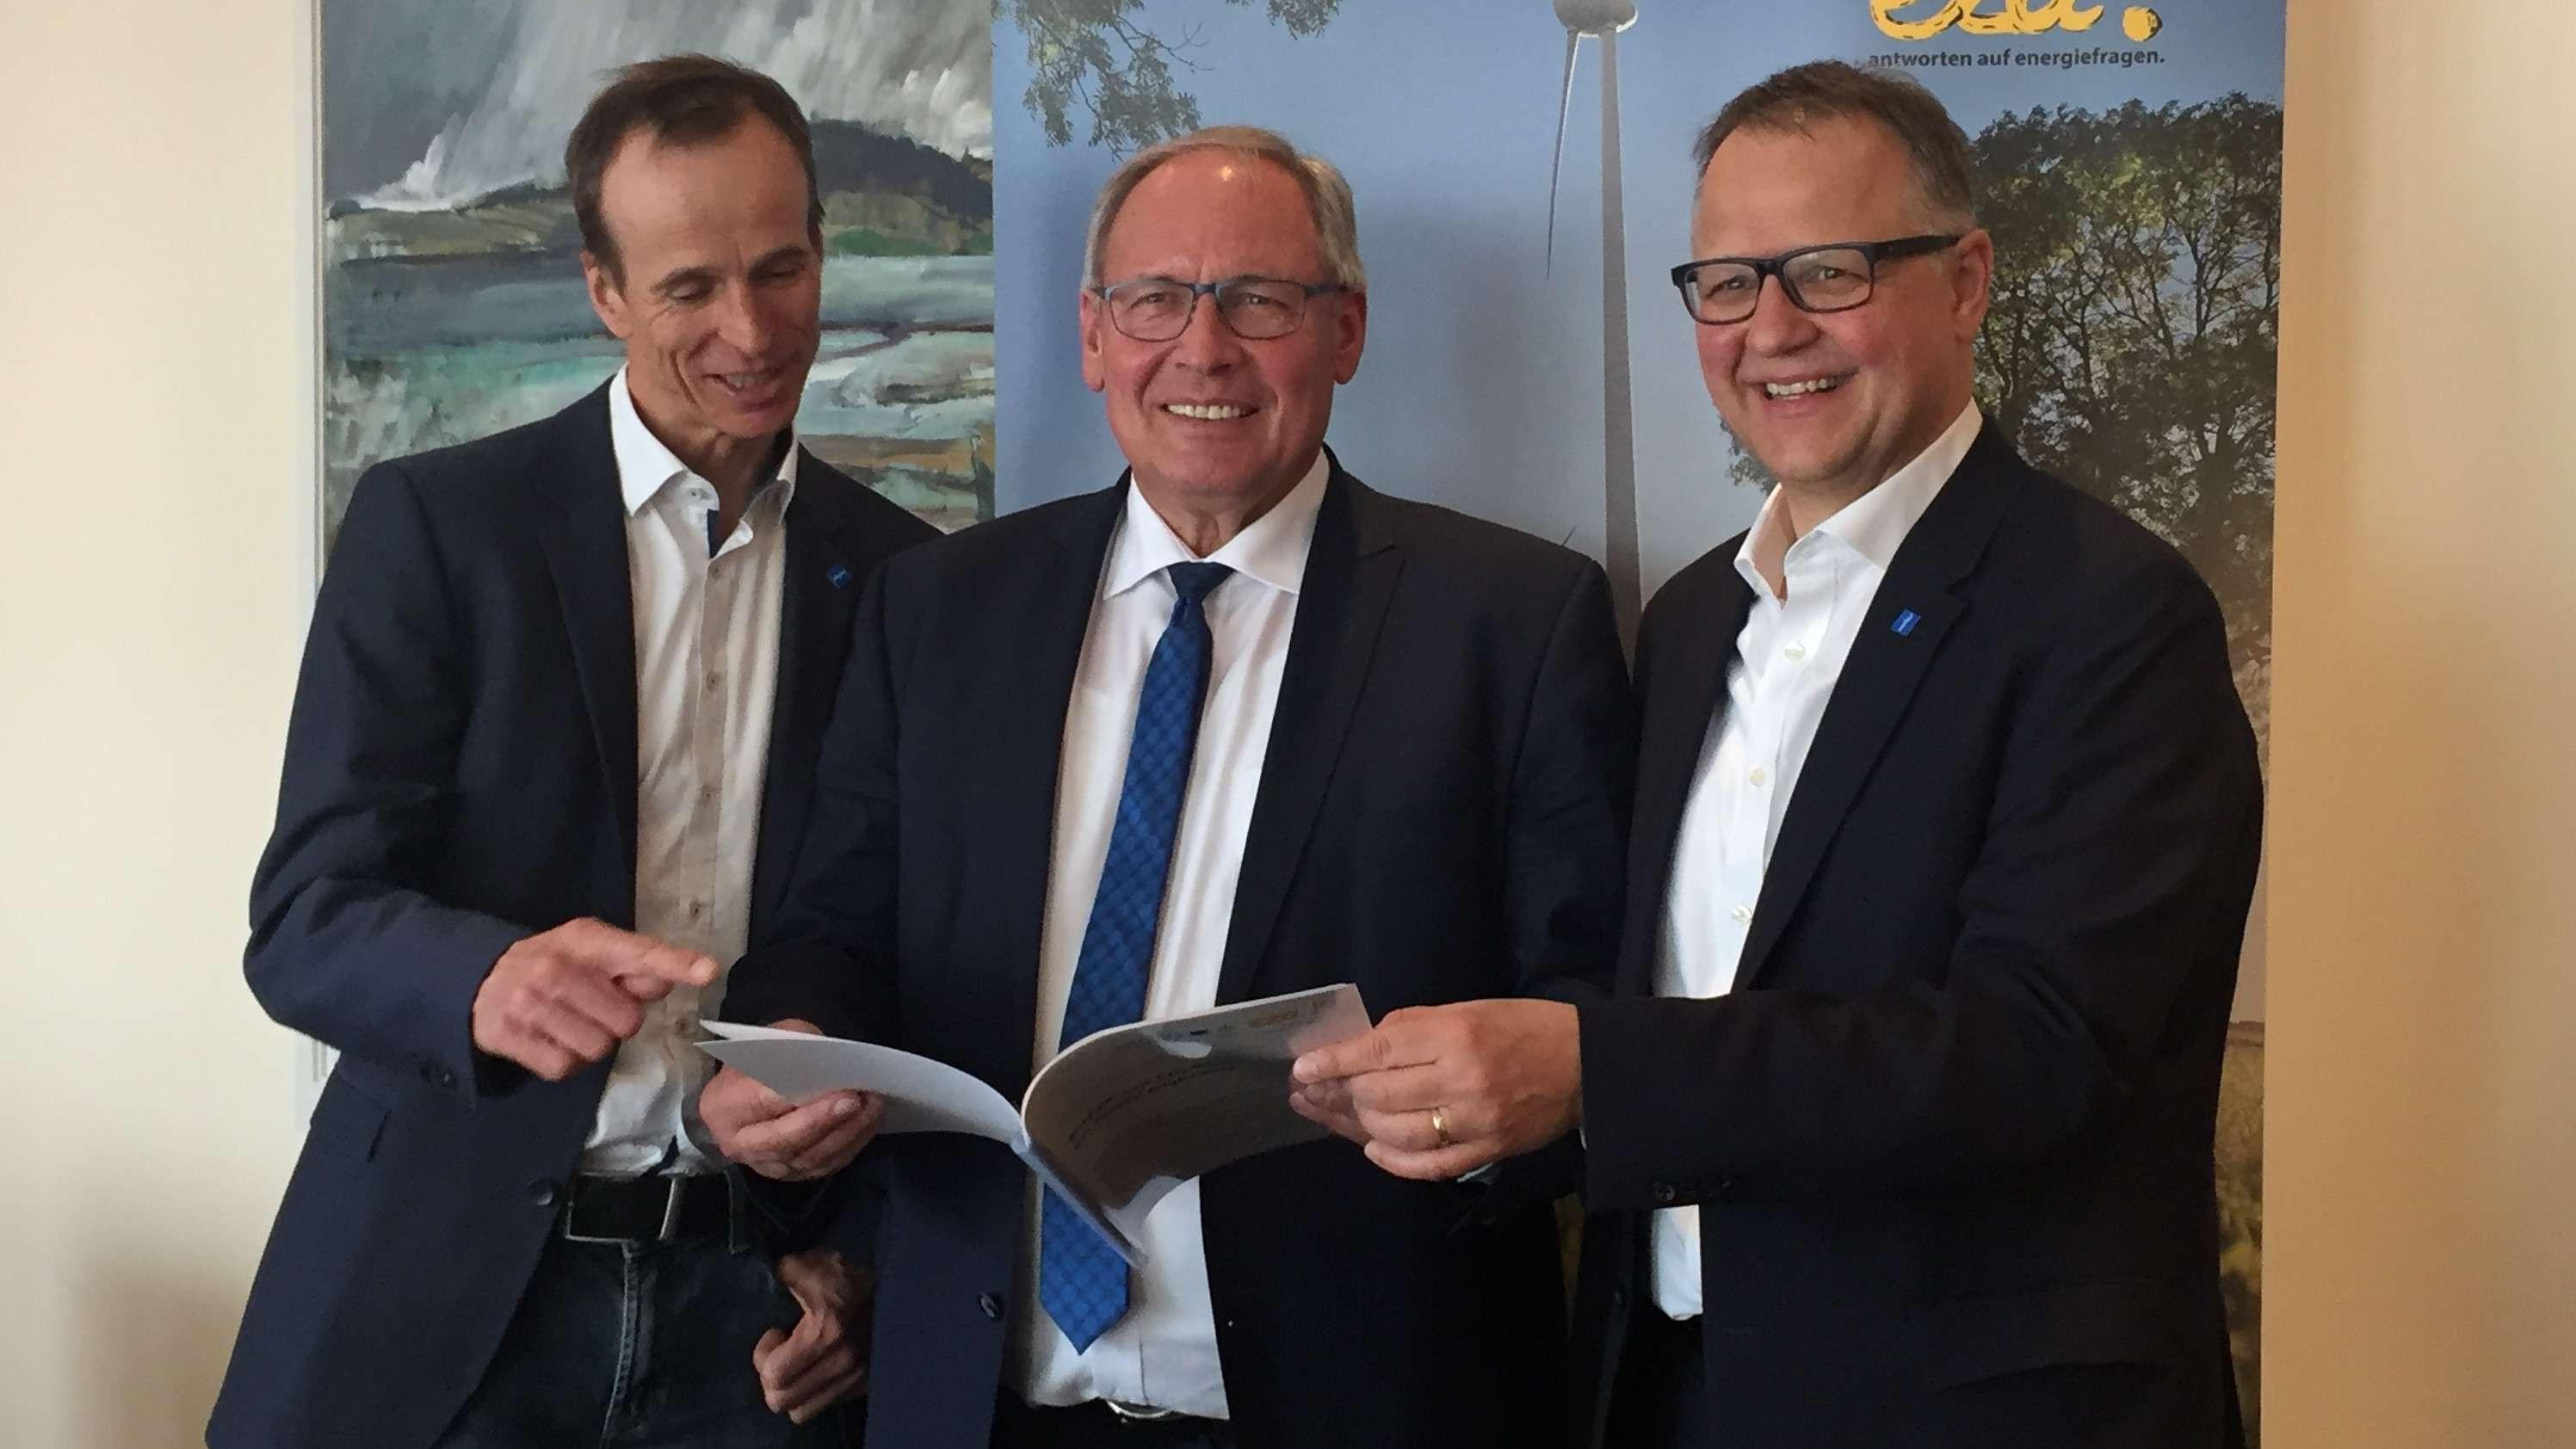 Martin Sambale vom Energie- und Umweltzentrum Allgäu, der Oberallgäuer Landrat Anton Klotz und Klaus Fischer von der Allgäu GmbH